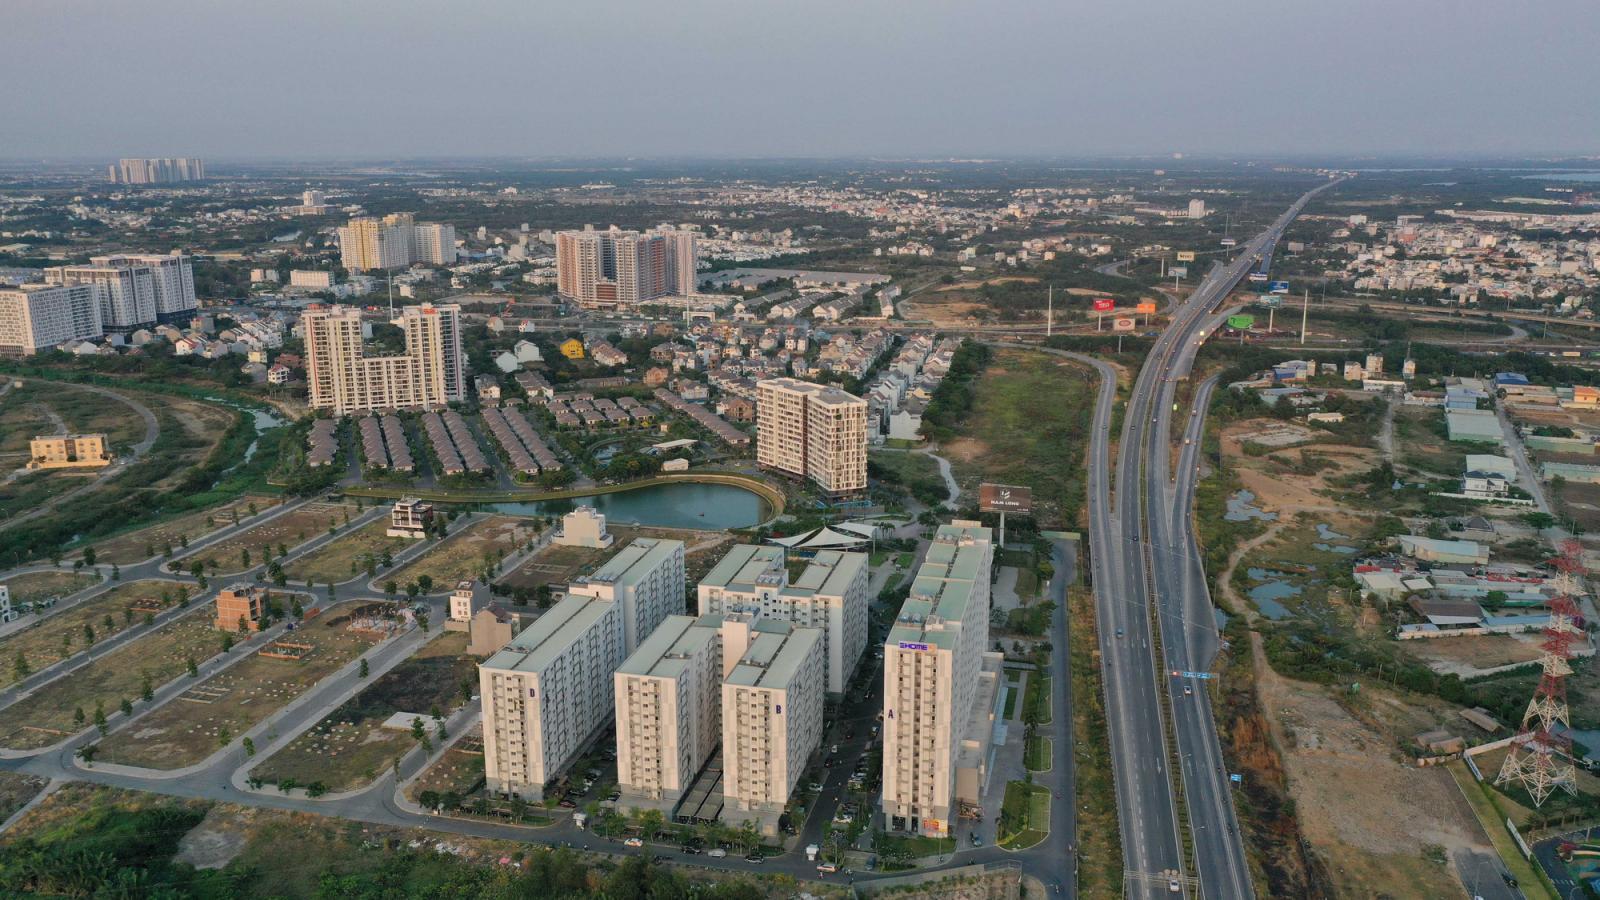 thành phố nhìn từ trên cao có nhiều công trình xây dựng nằm cạnh trục đường lớn